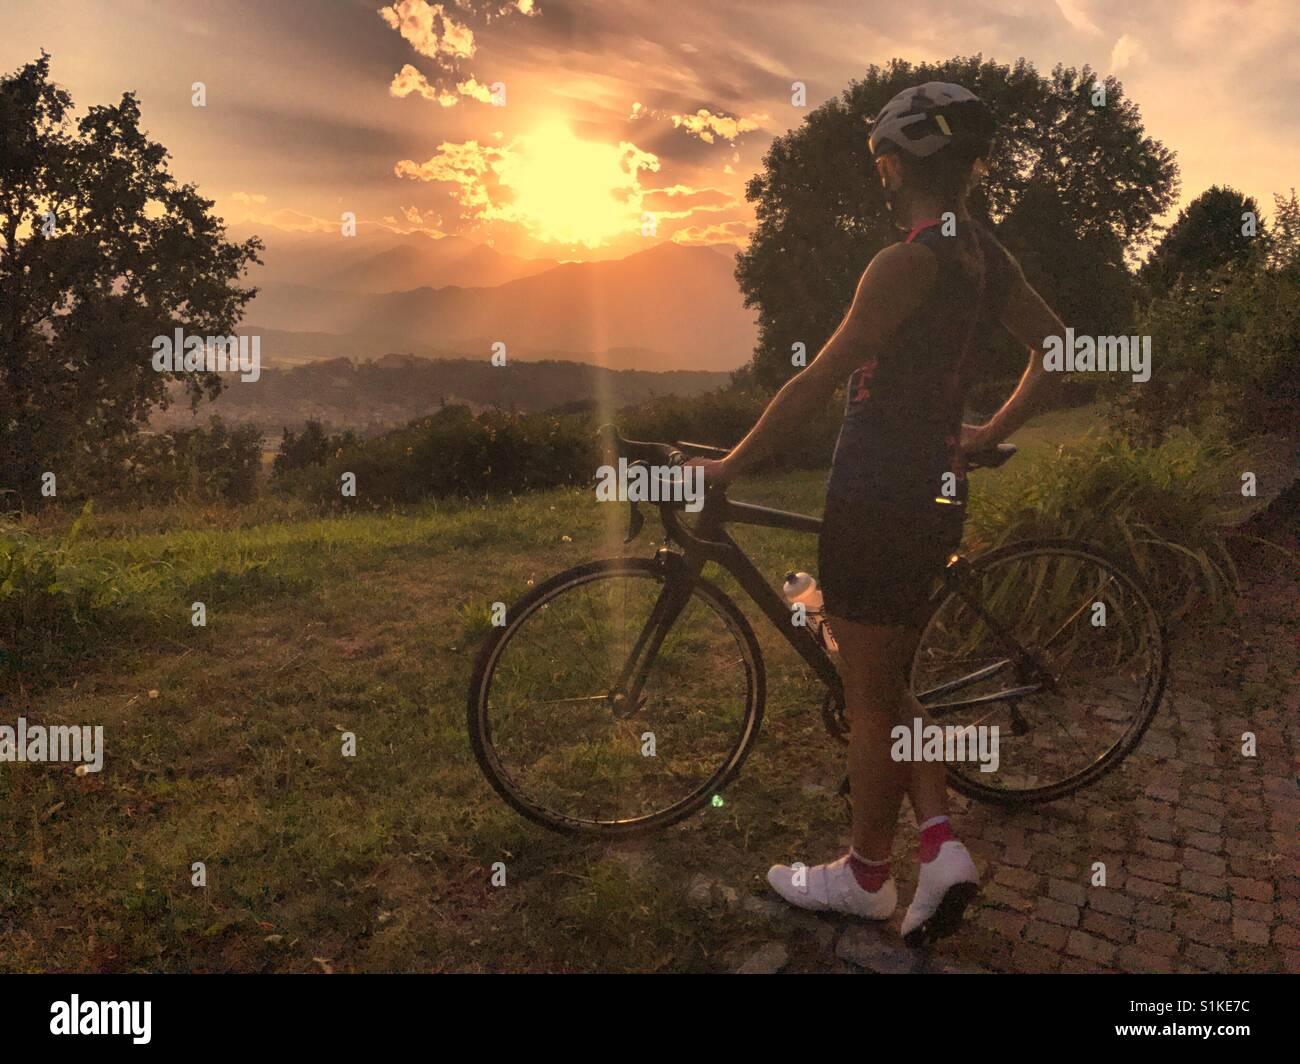 Sommer Radfahren bei Sonnenuntergang Stockbild